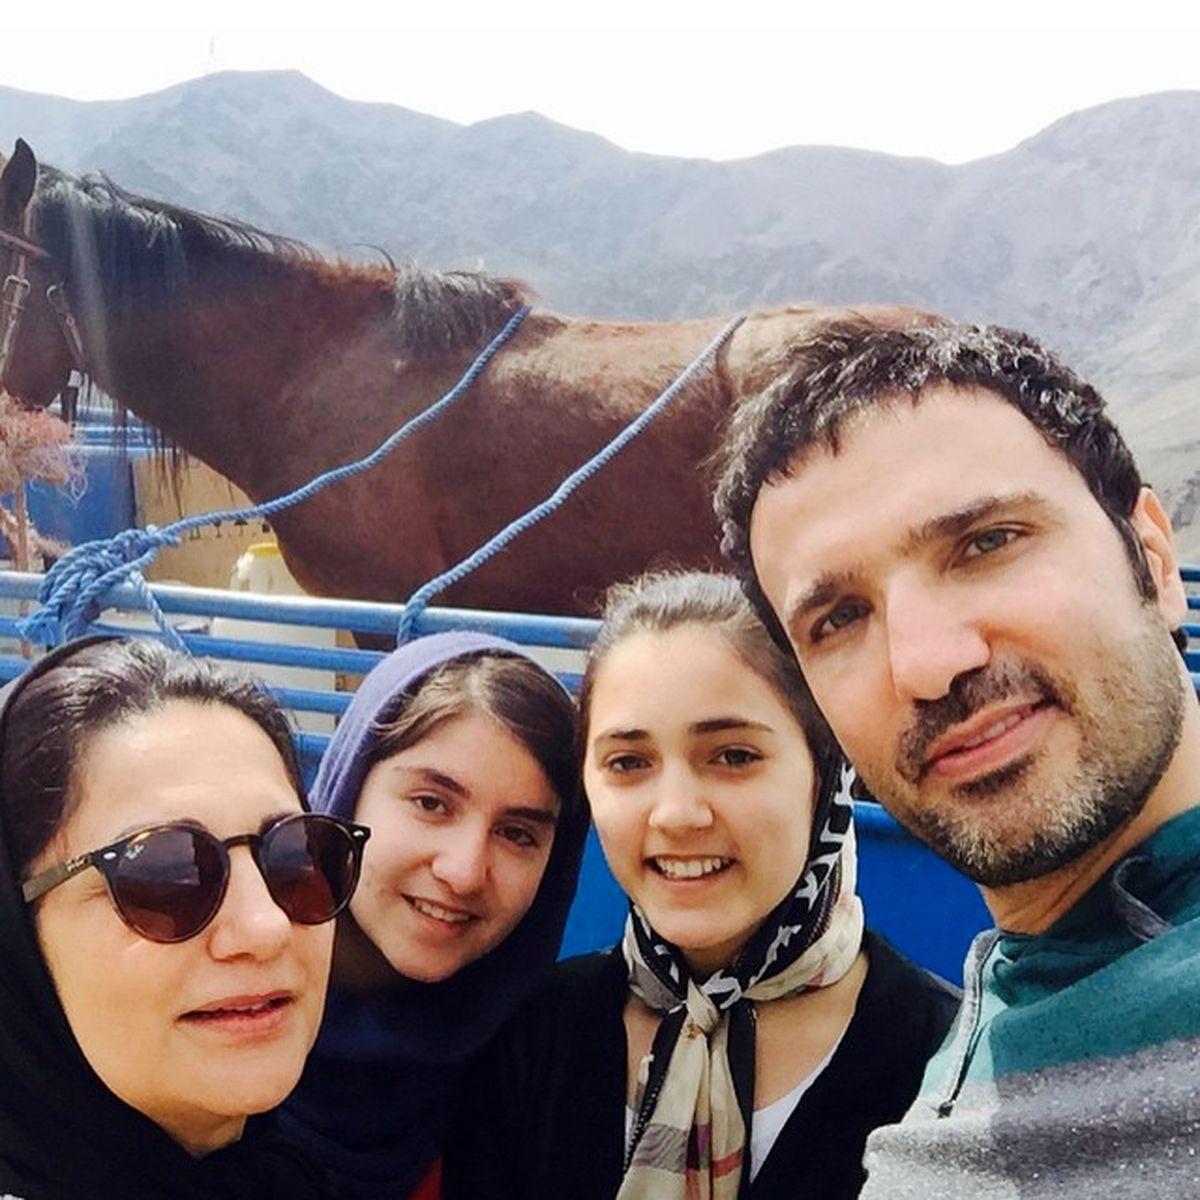 محمدرضا فروتن از همسرش رونمایی کرد! +عکس خانوادگی